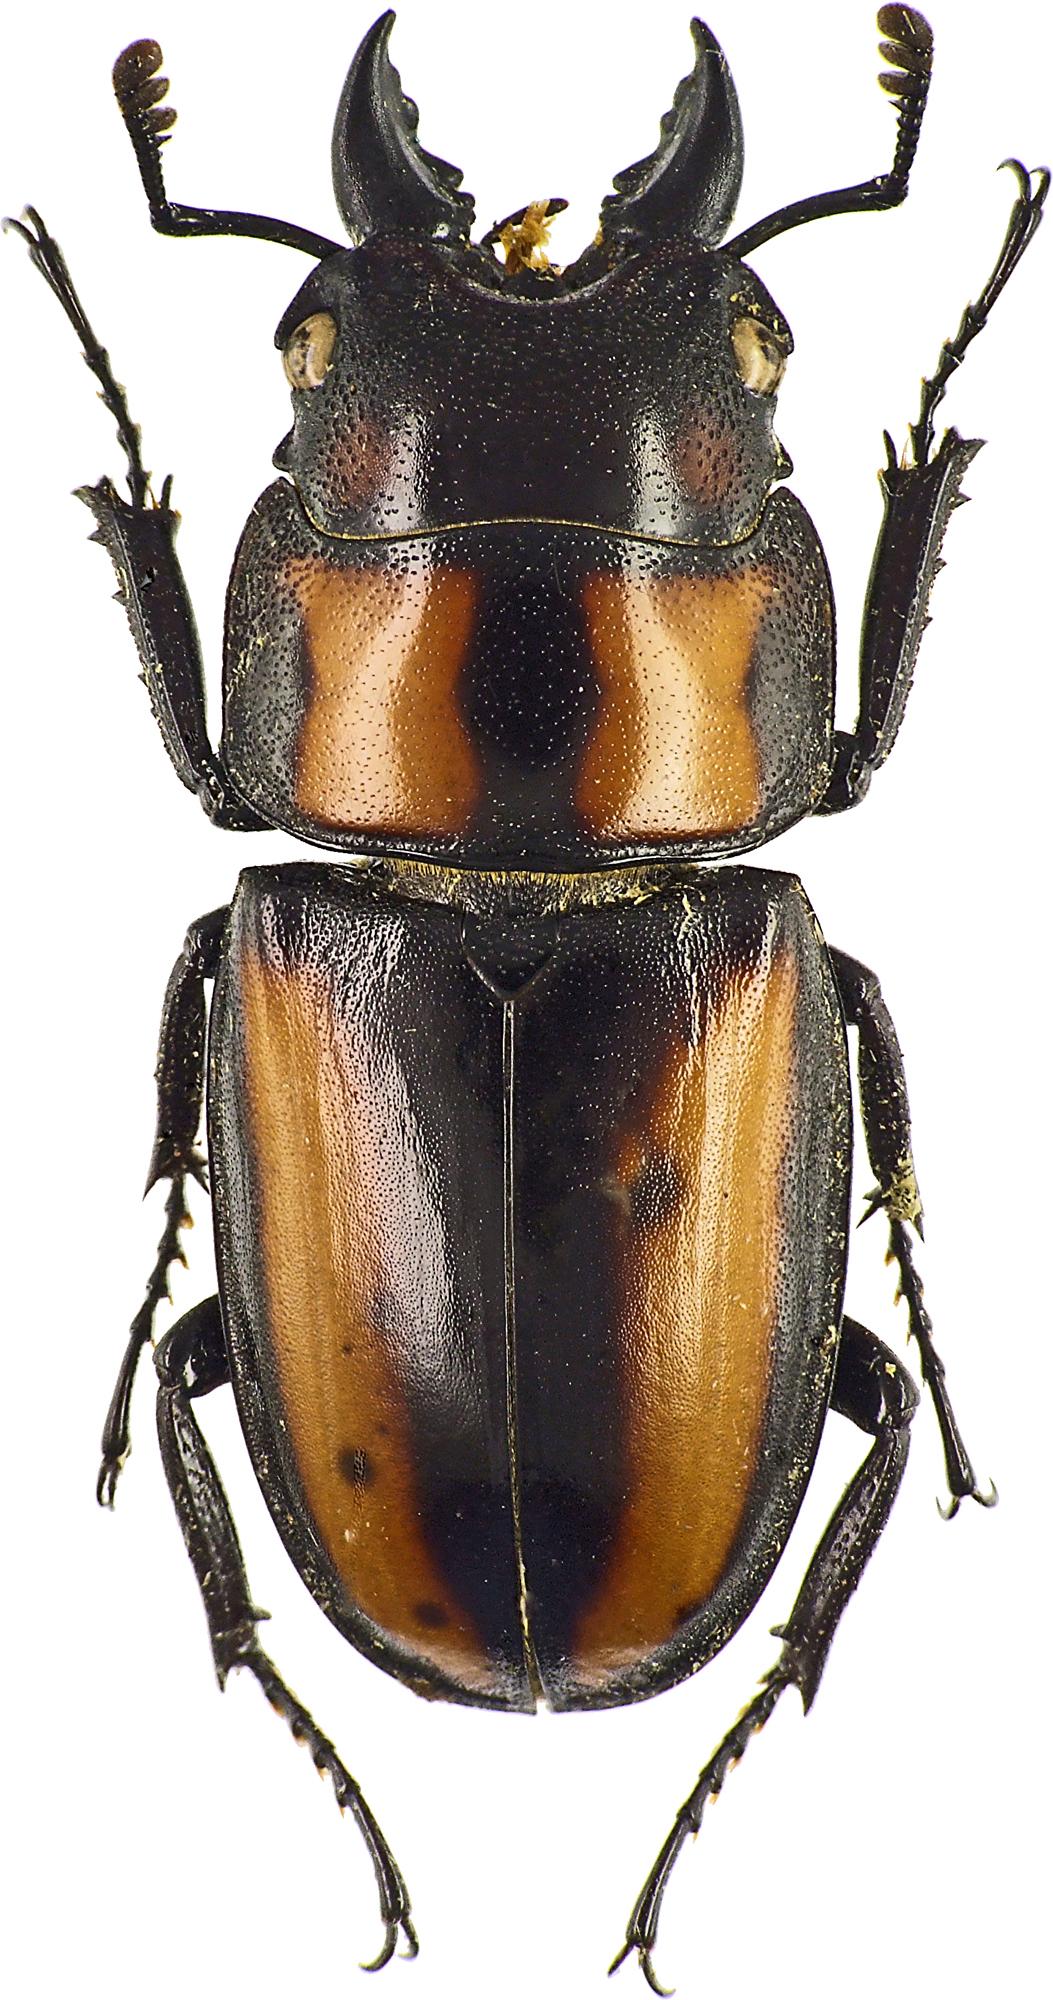 Prosopocoilus biplagiatus 43446cz49.jpg